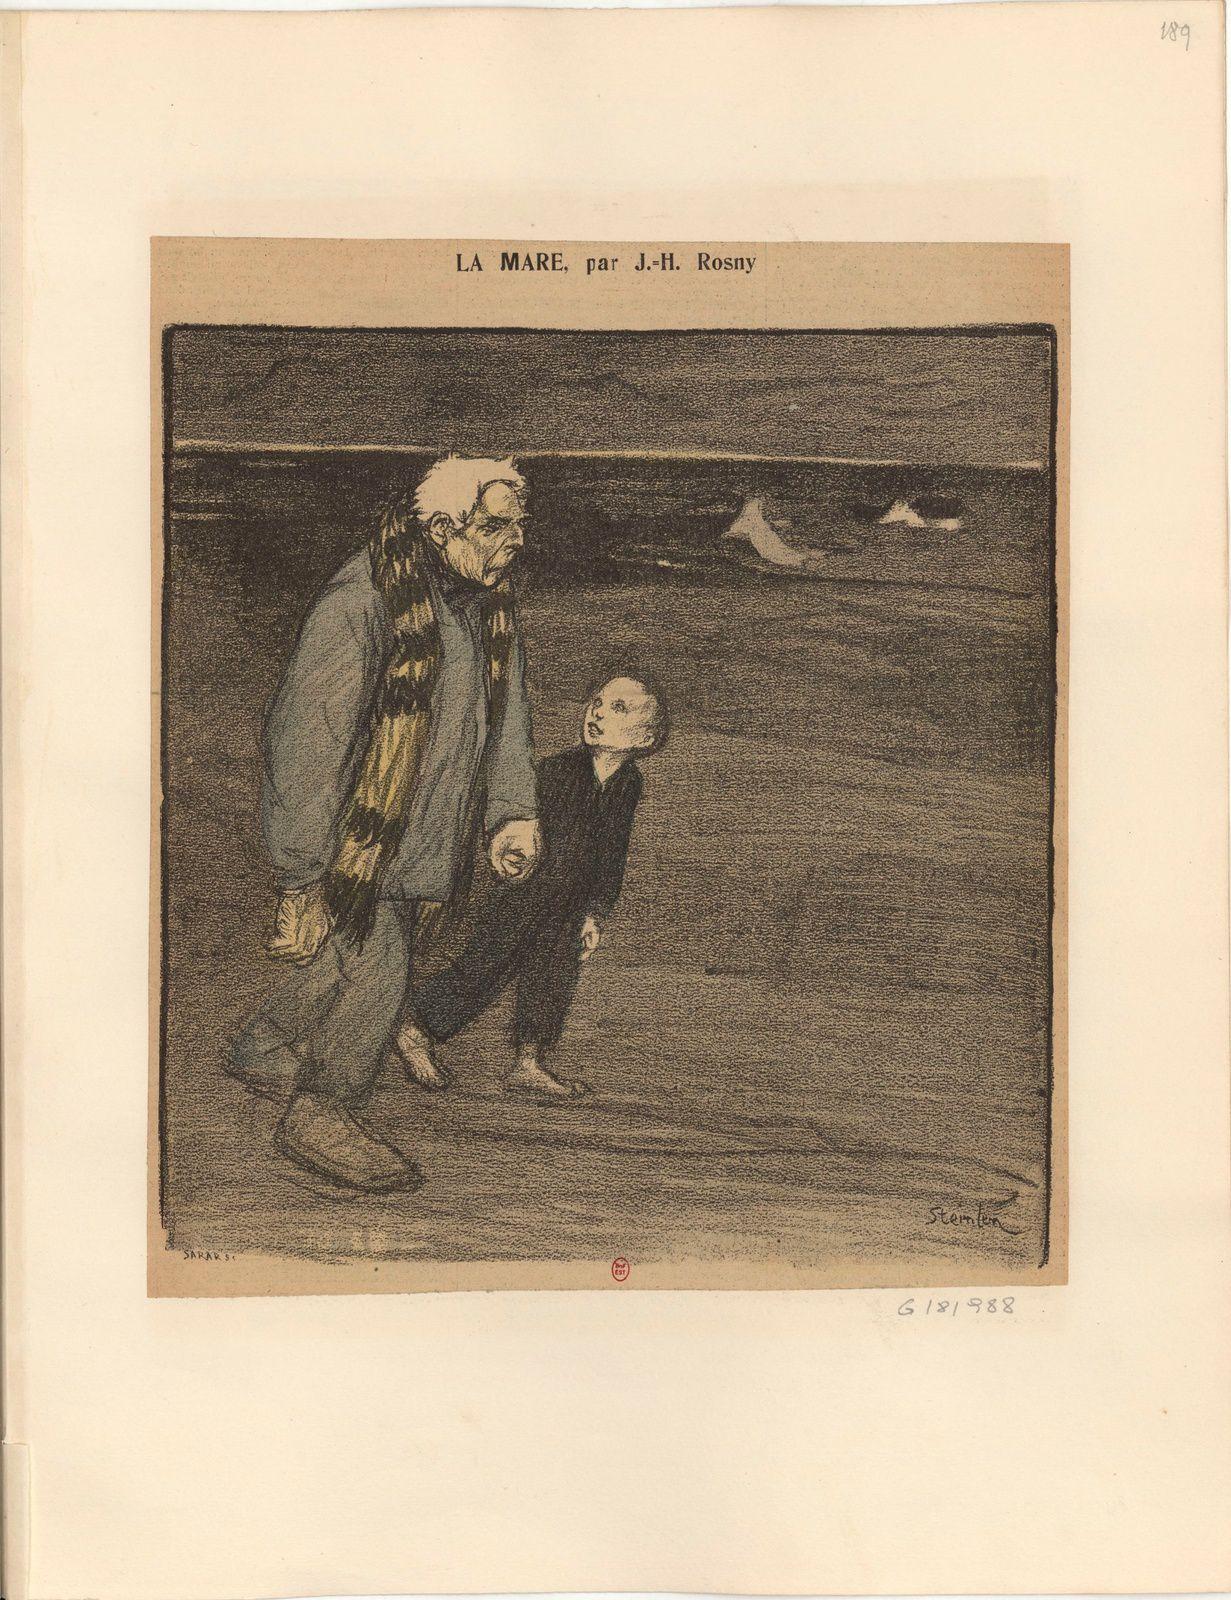 Illustrations de Steinlen pour J.-H. Rosny (1894-1896)